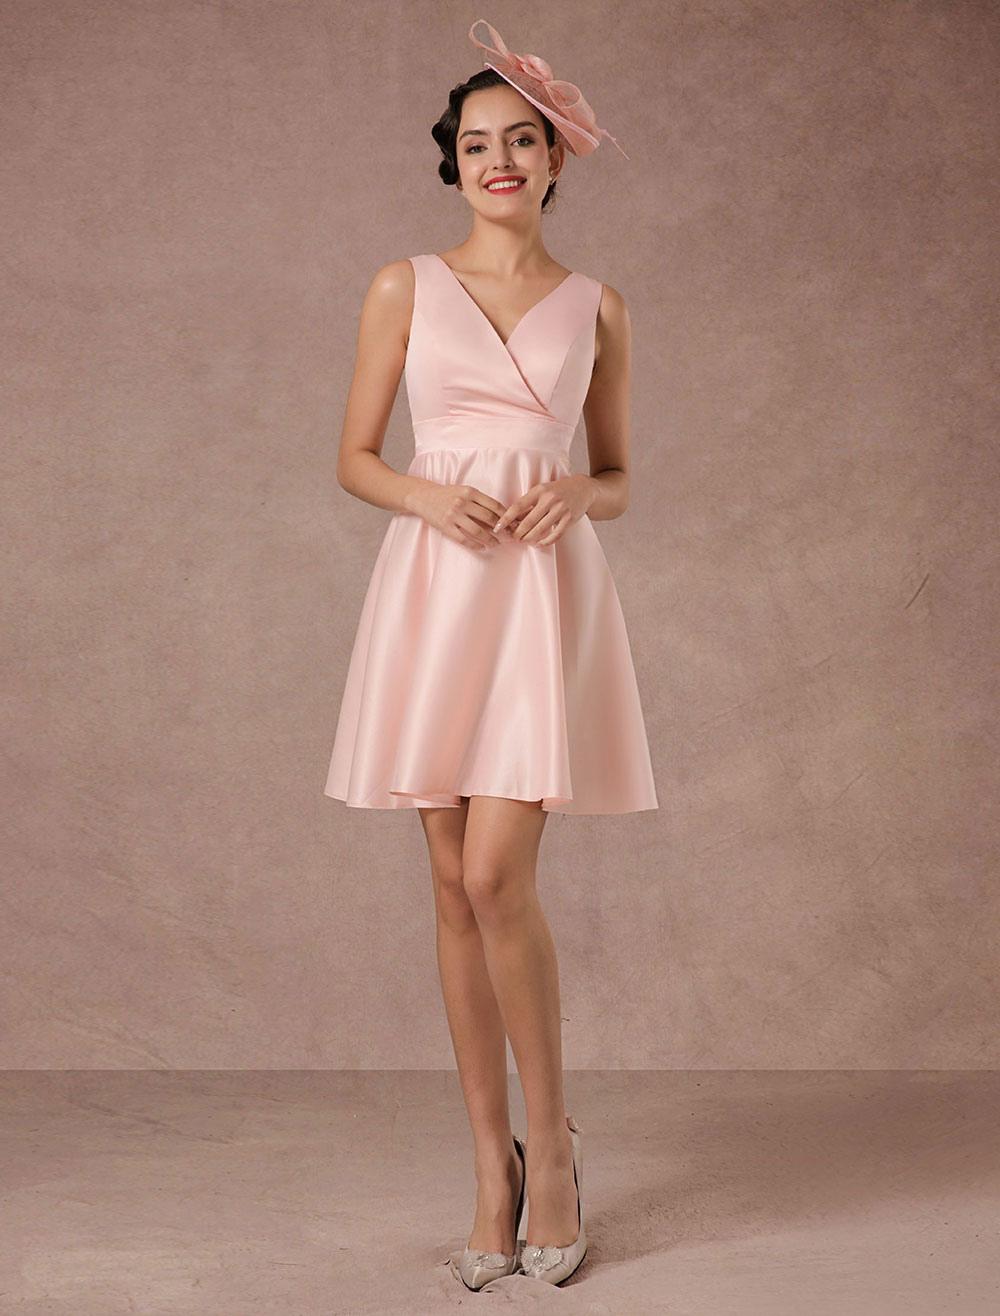 rosa hochzeitskleid kurze v ausschnitt satin cocktailkleid mit sch rpe. Black Bedroom Furniture Sets. Home Design Ideas